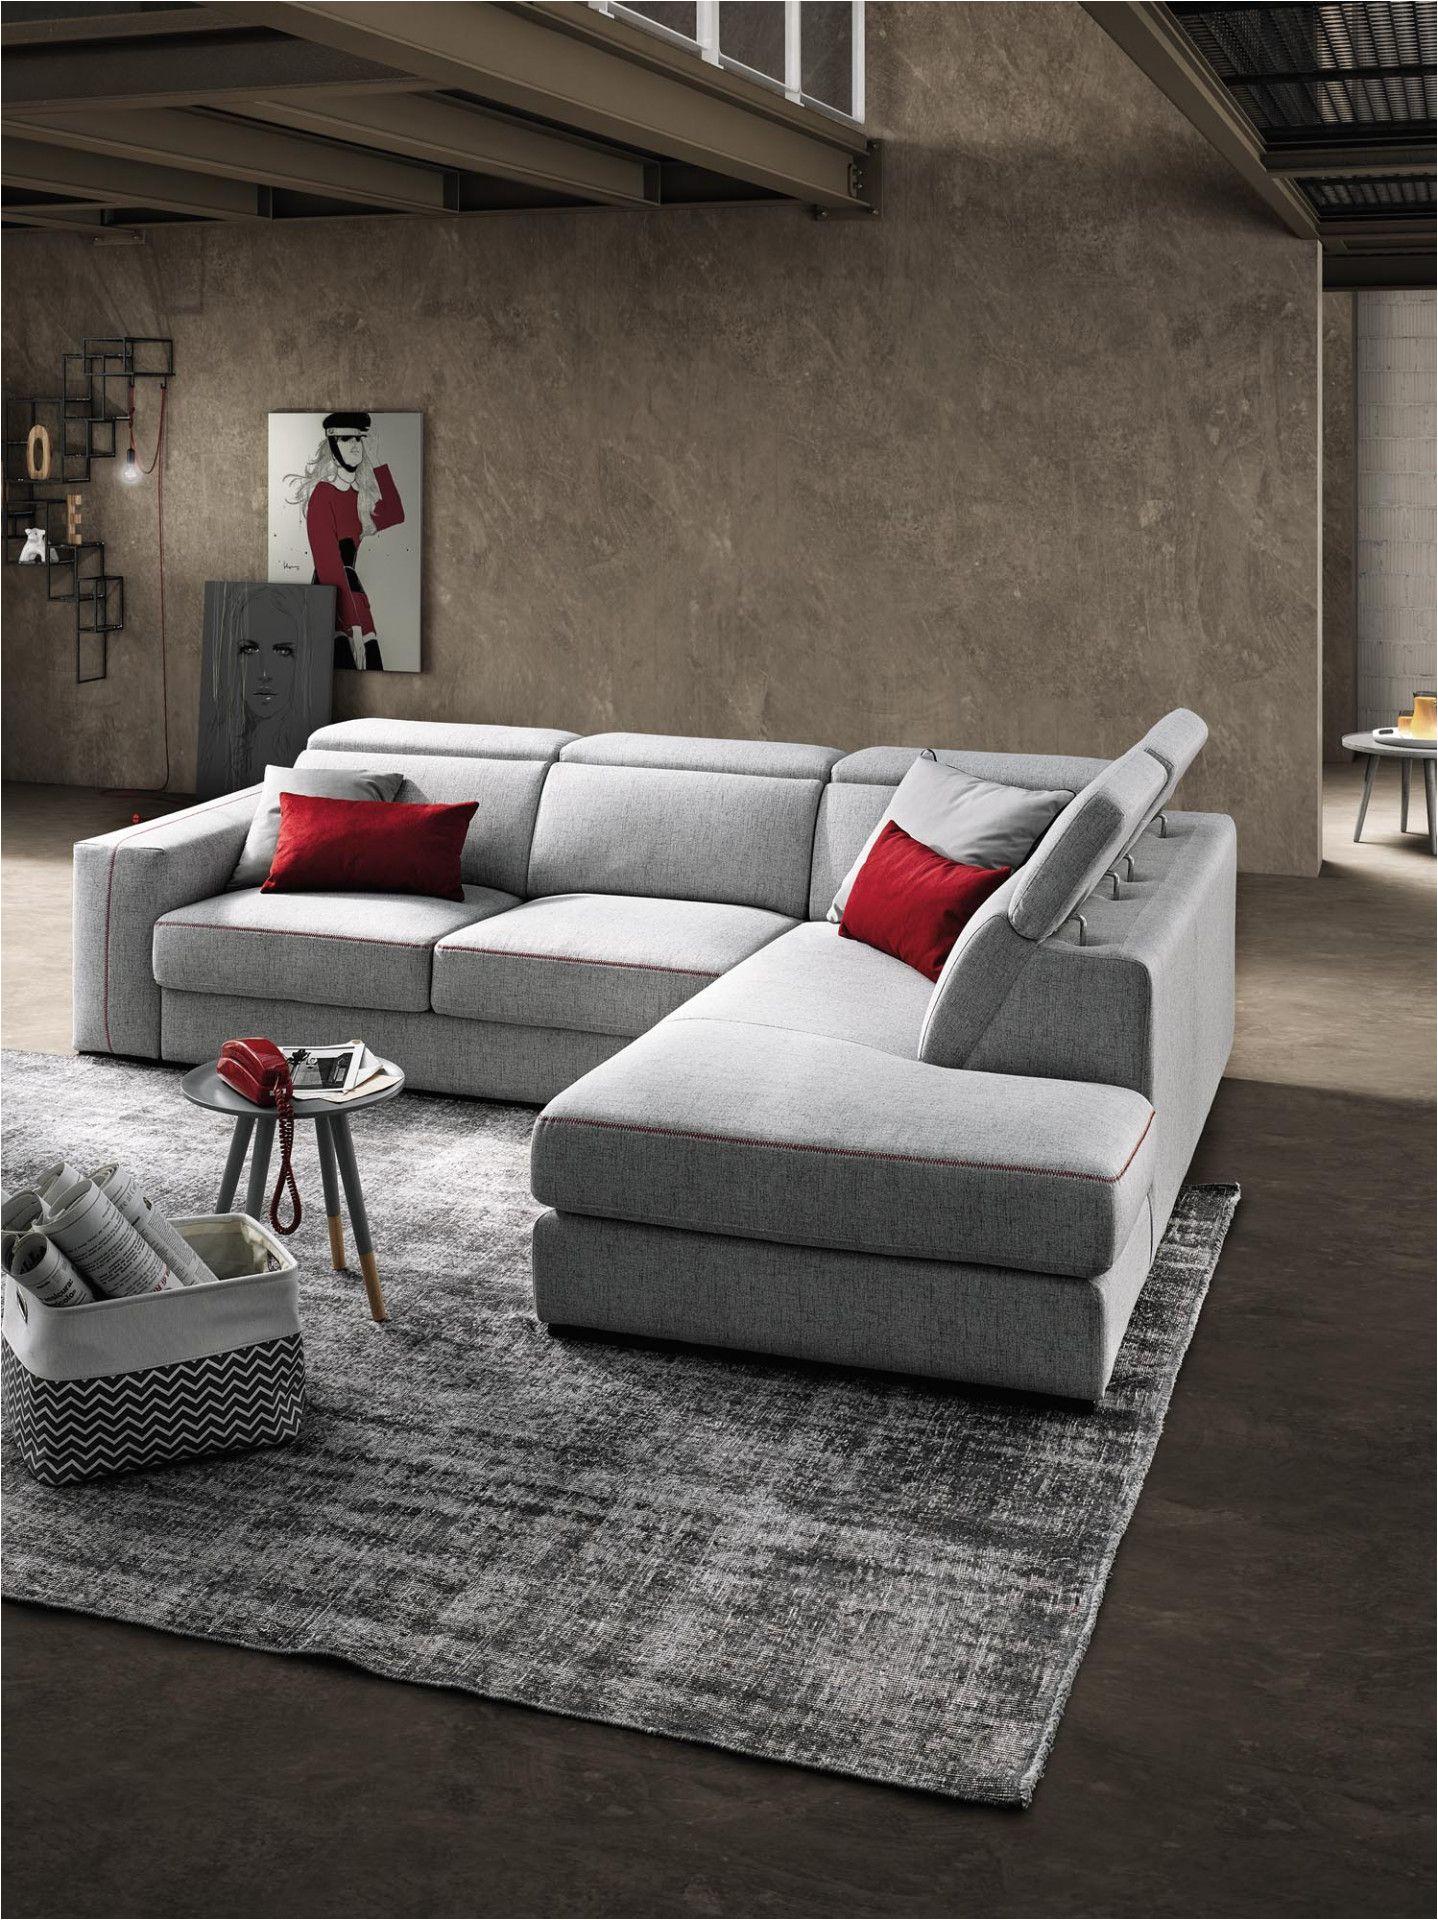 lecomfort lecomfortsofas sofas lecomfort sofa astor